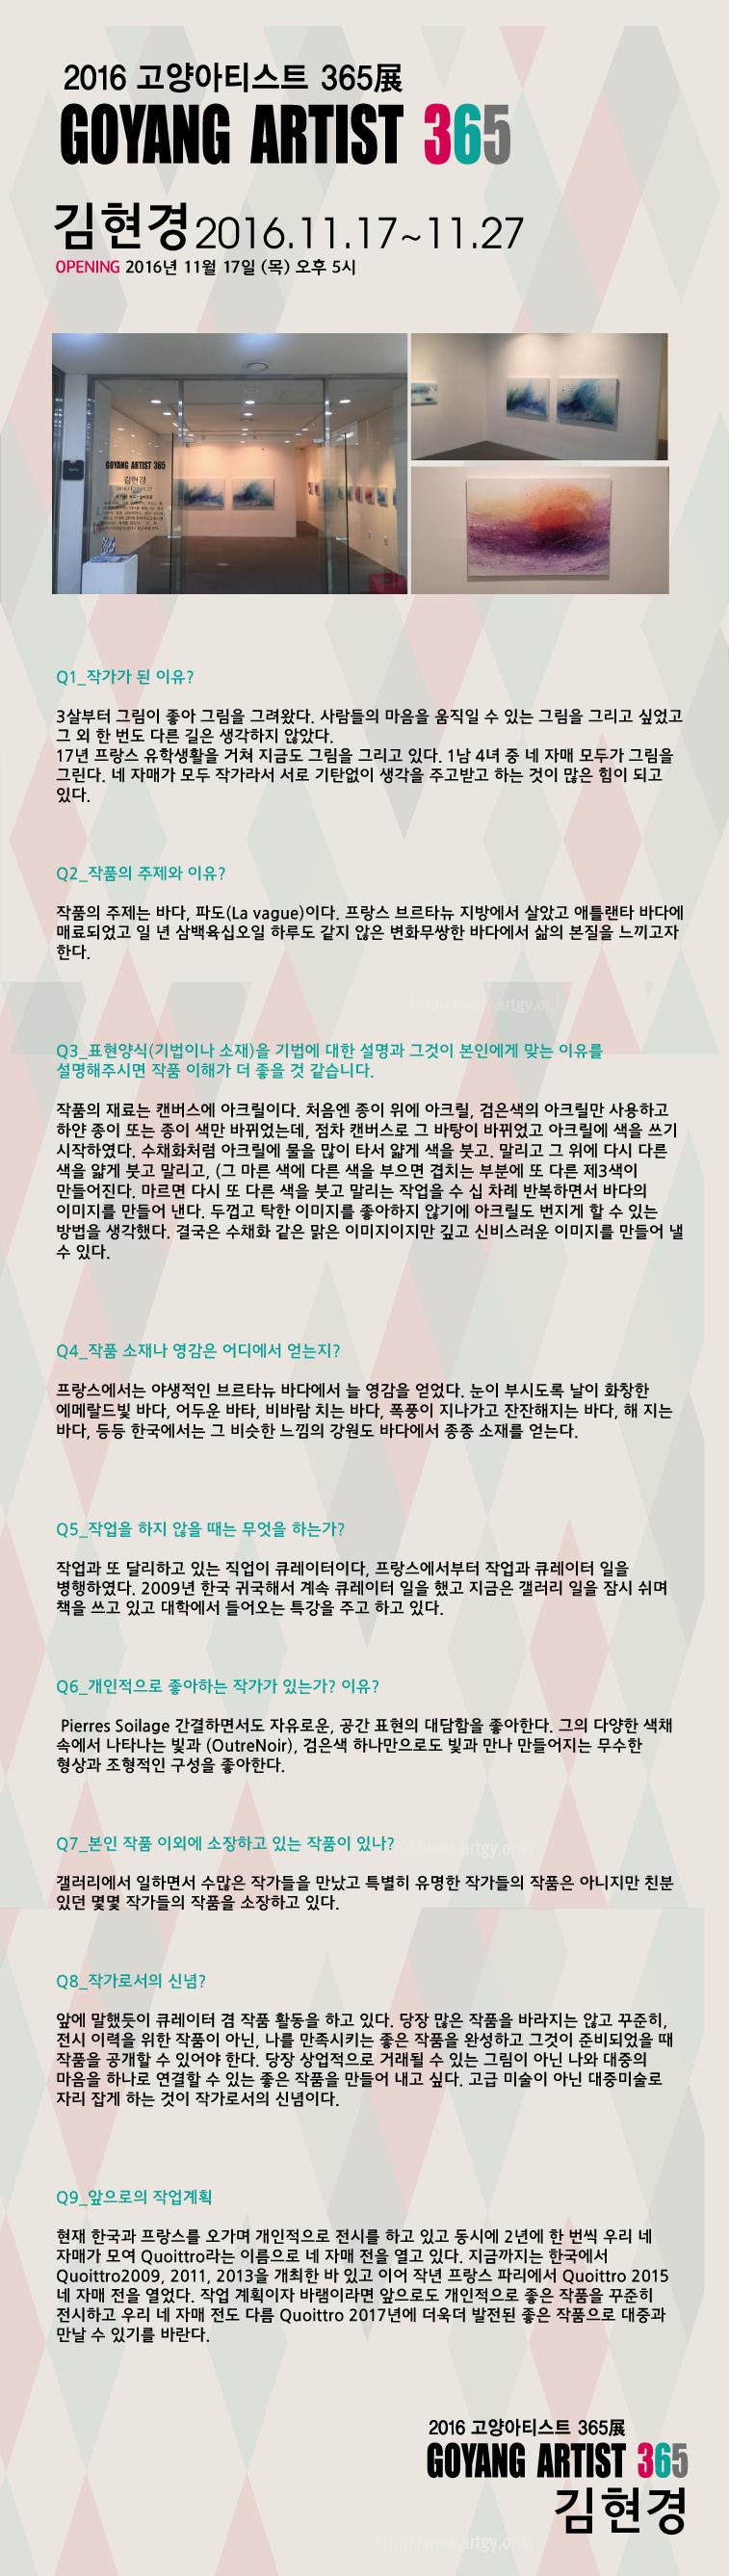 [2016 고양아티스트 365展] 김현경 작가 인터뷰